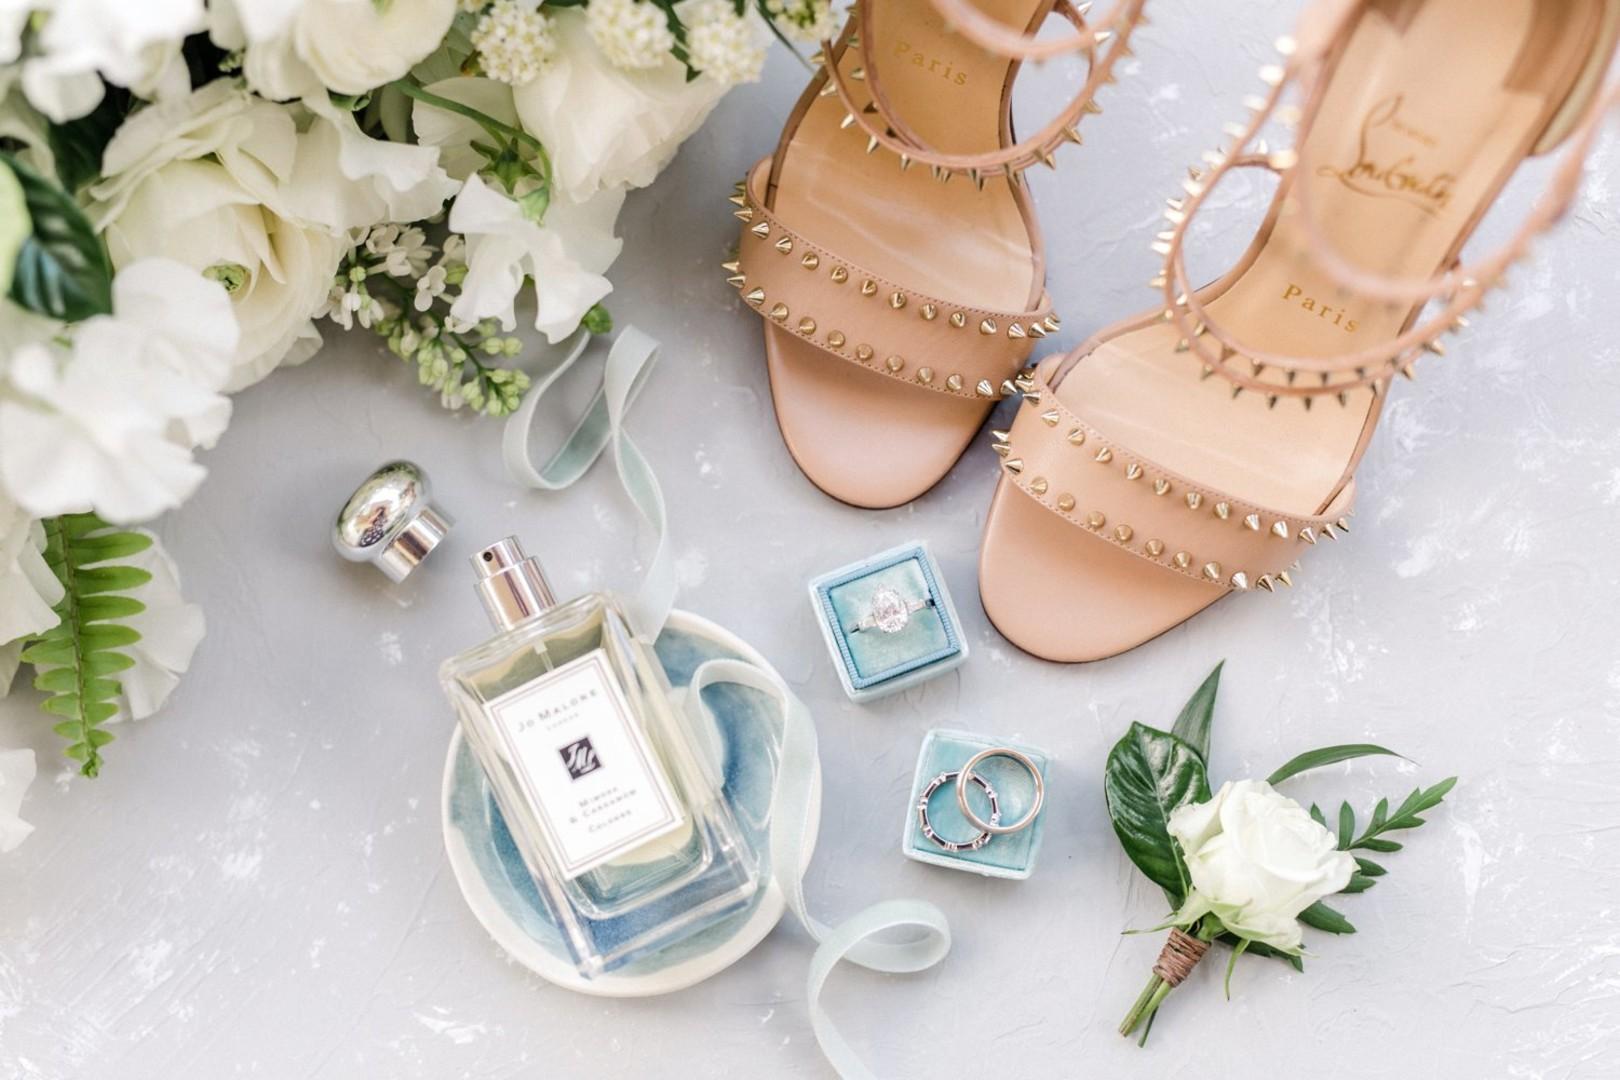 www.santabarbarawedding.com | Anna Delores | Vanessa Noel Events | Belmond El Encanto | Bride's Accessories